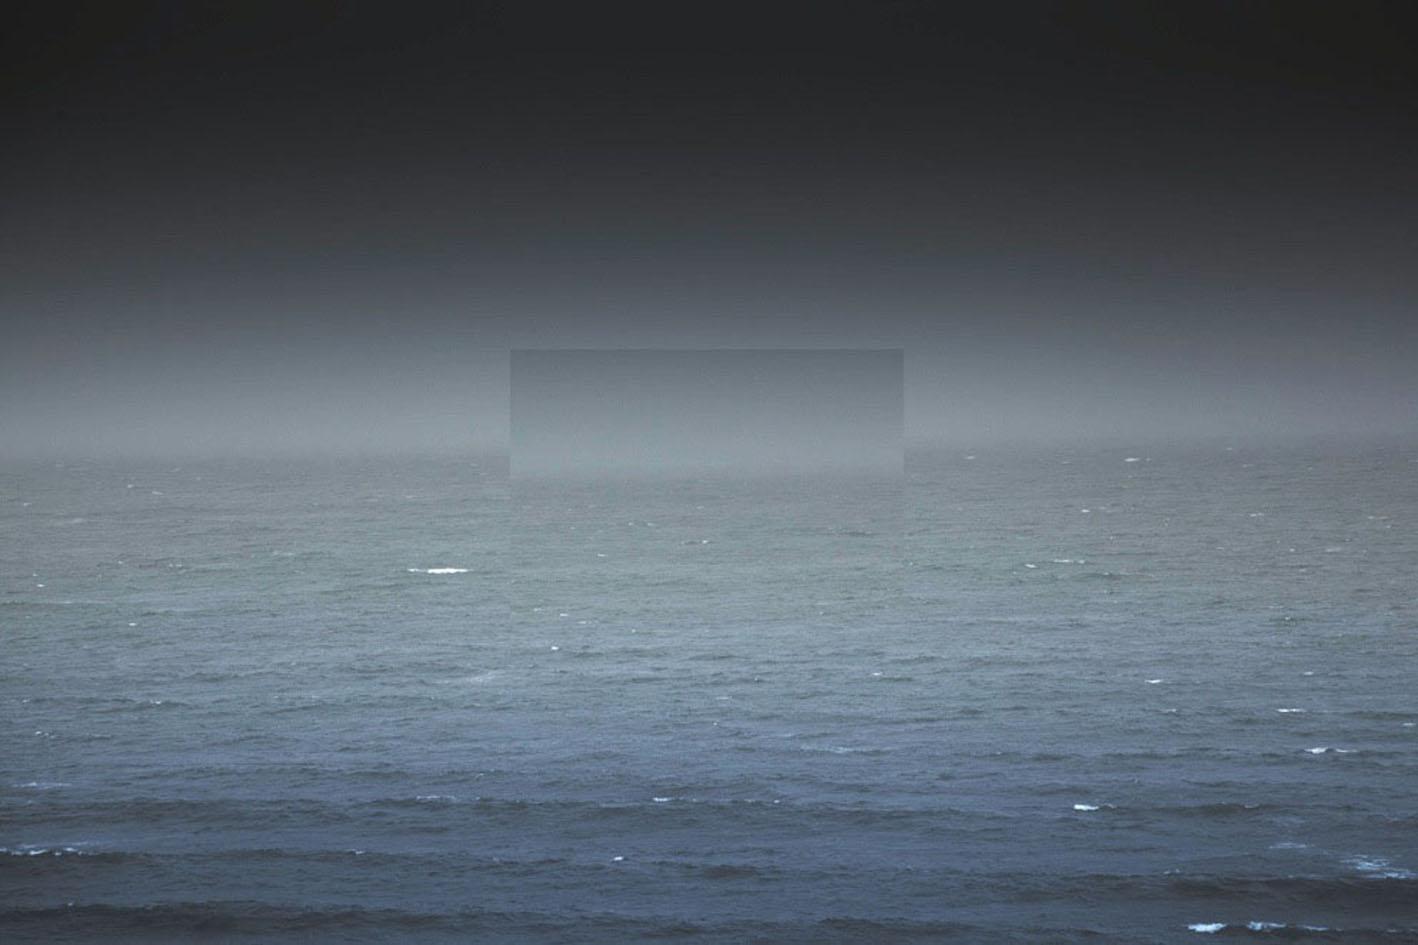 Mar Pantone (2017) - Fábio Cançado